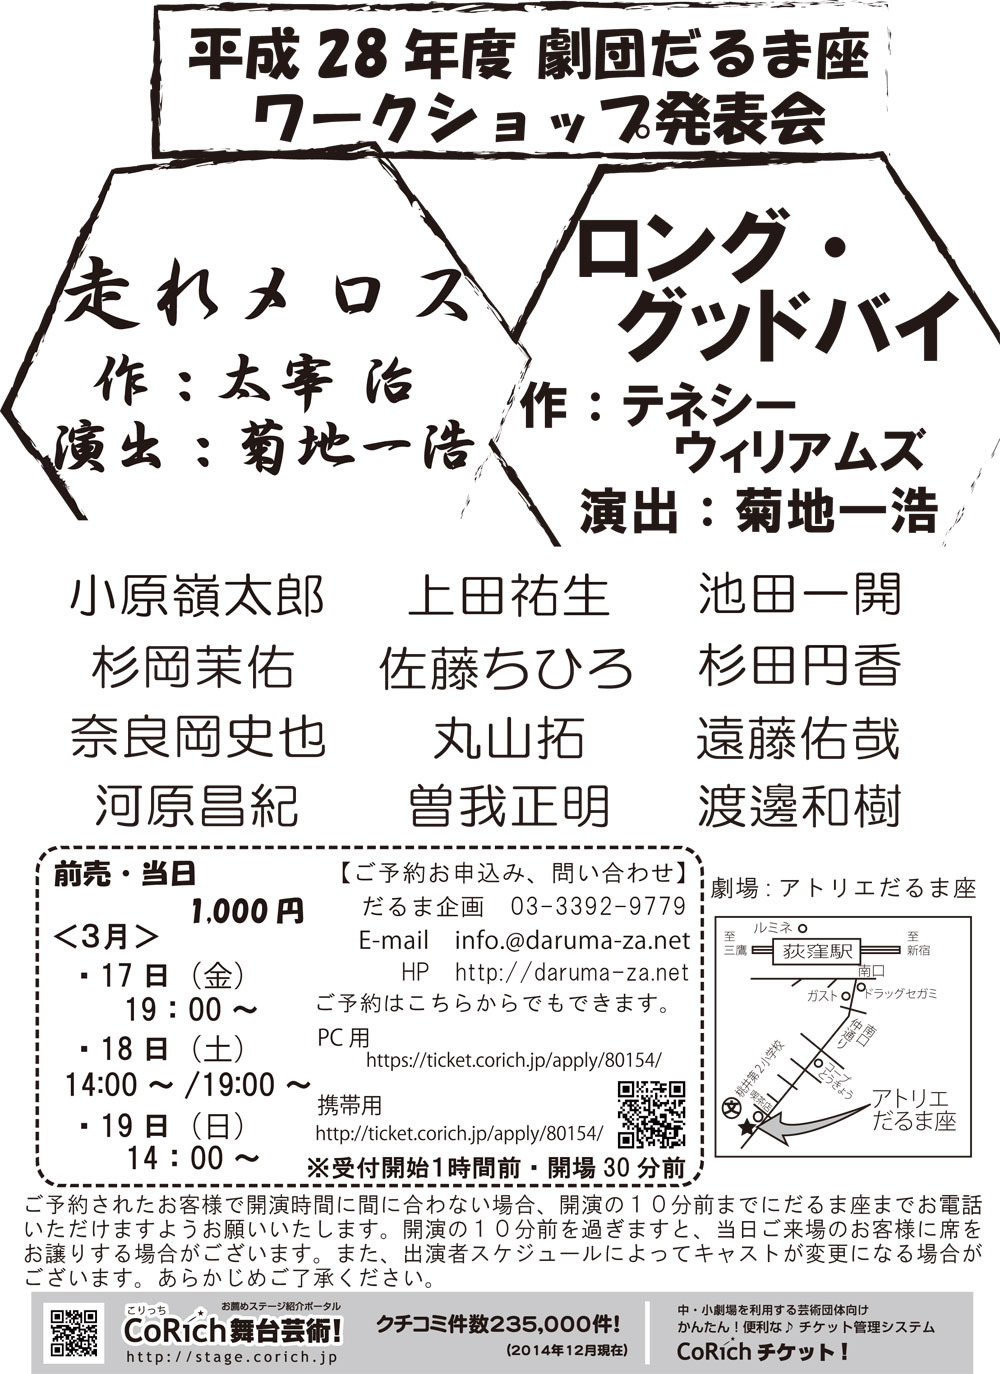 荻窪南口仲通り商店会 こころ暖まる、人情あふれる仲通り商店会のホームページです。